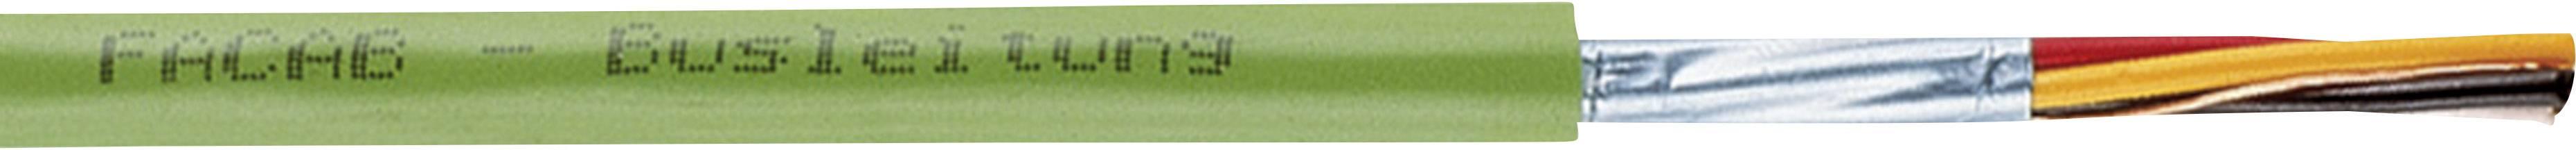 Sběrnicový kabel Faber Kabel 101010, vnější Ø 6.30 mm, zelená, metrové zboží